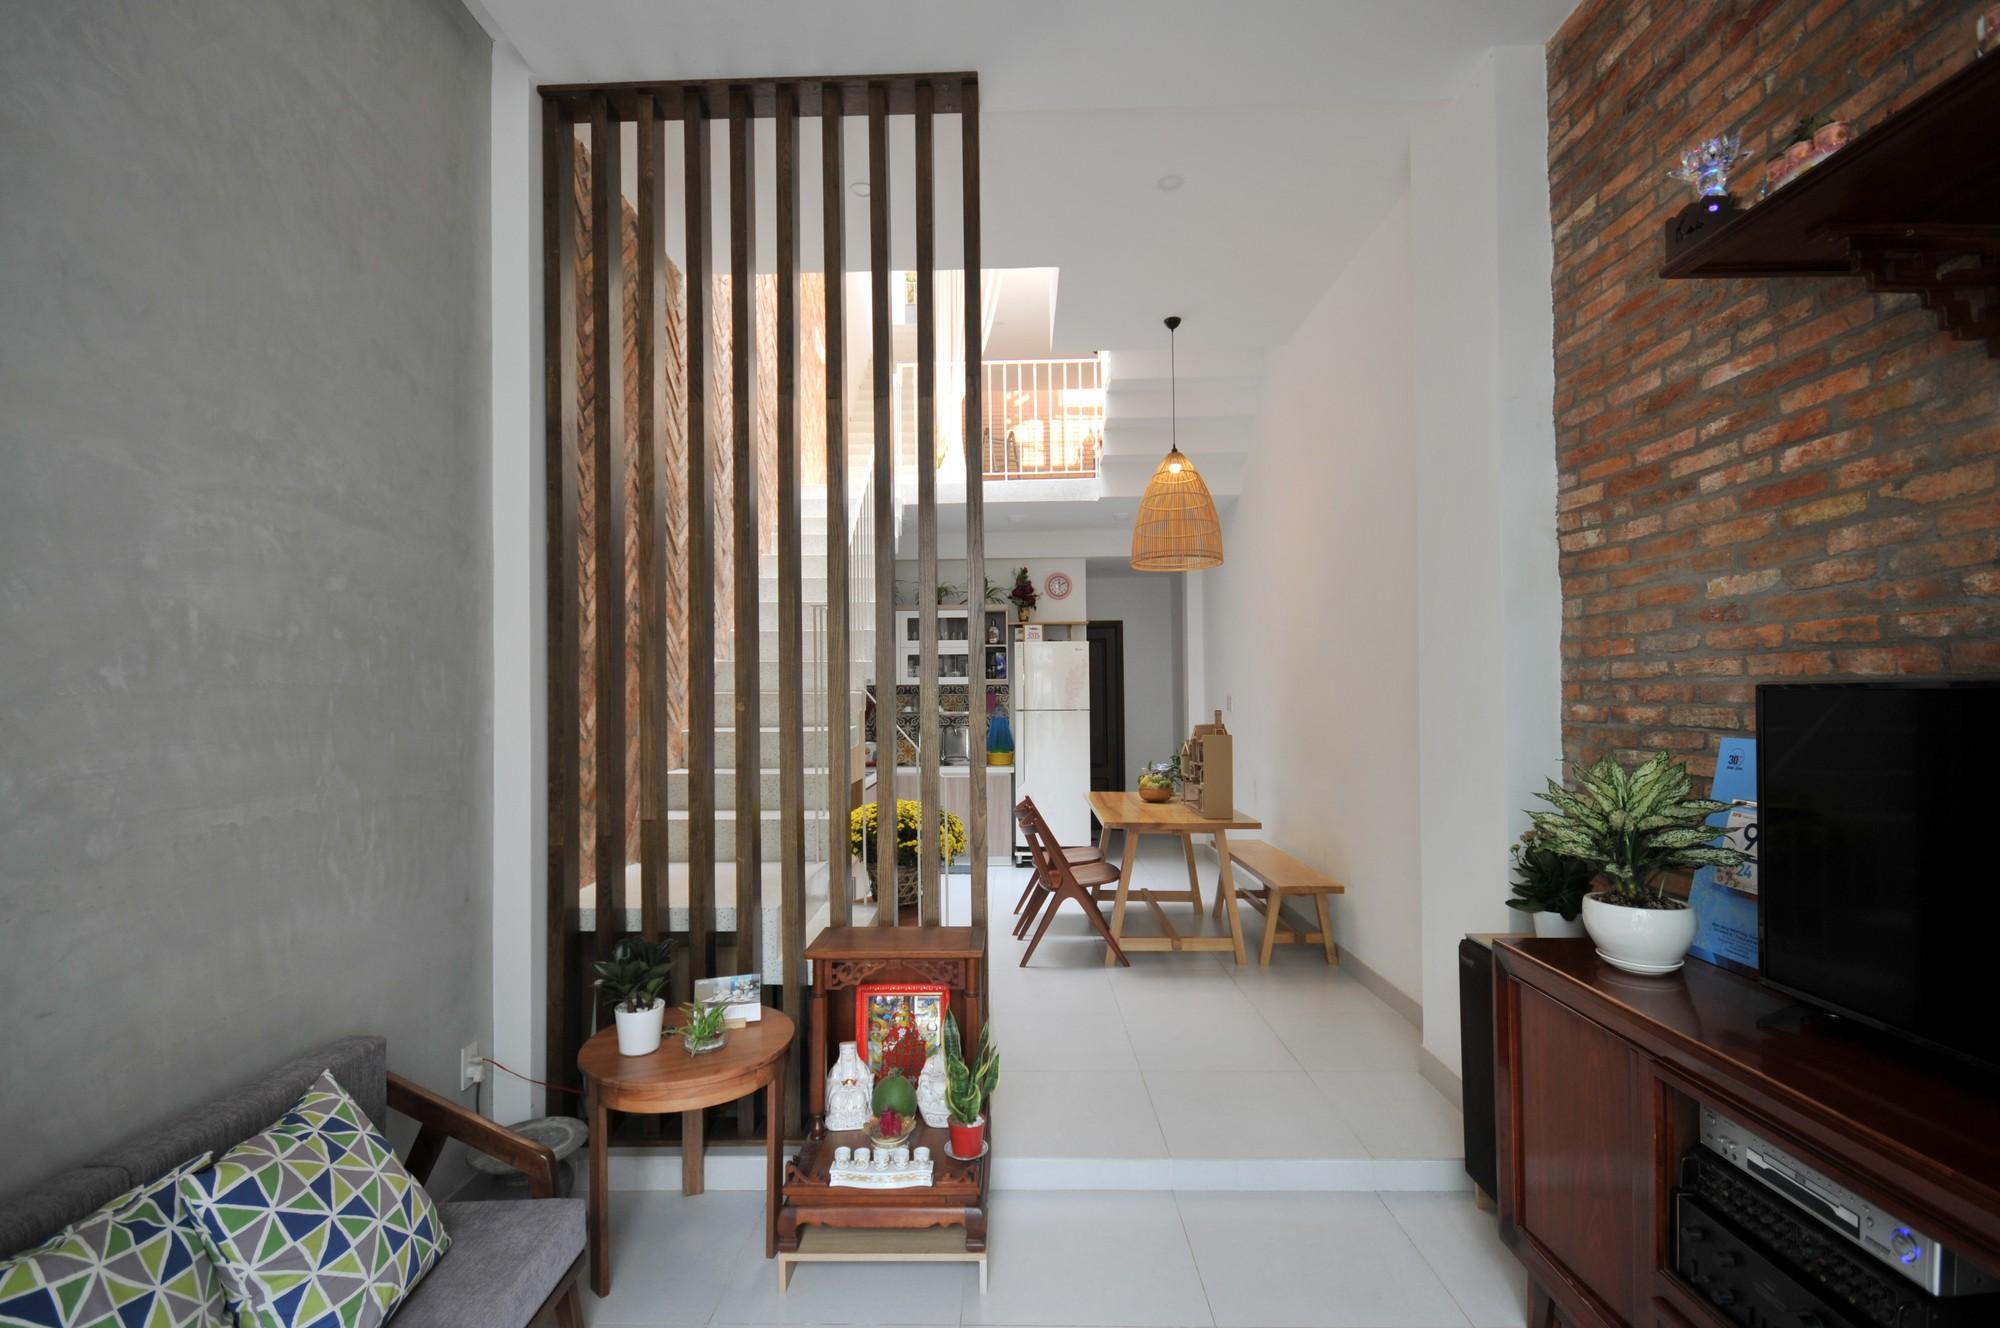 Câu chuyện về mảnh đất giá 10 ngàn rưỡi và ngôi nhà ống trong hẻm có thiết kế cực hợp lý ở Sài Gòn - Ảnh 3.